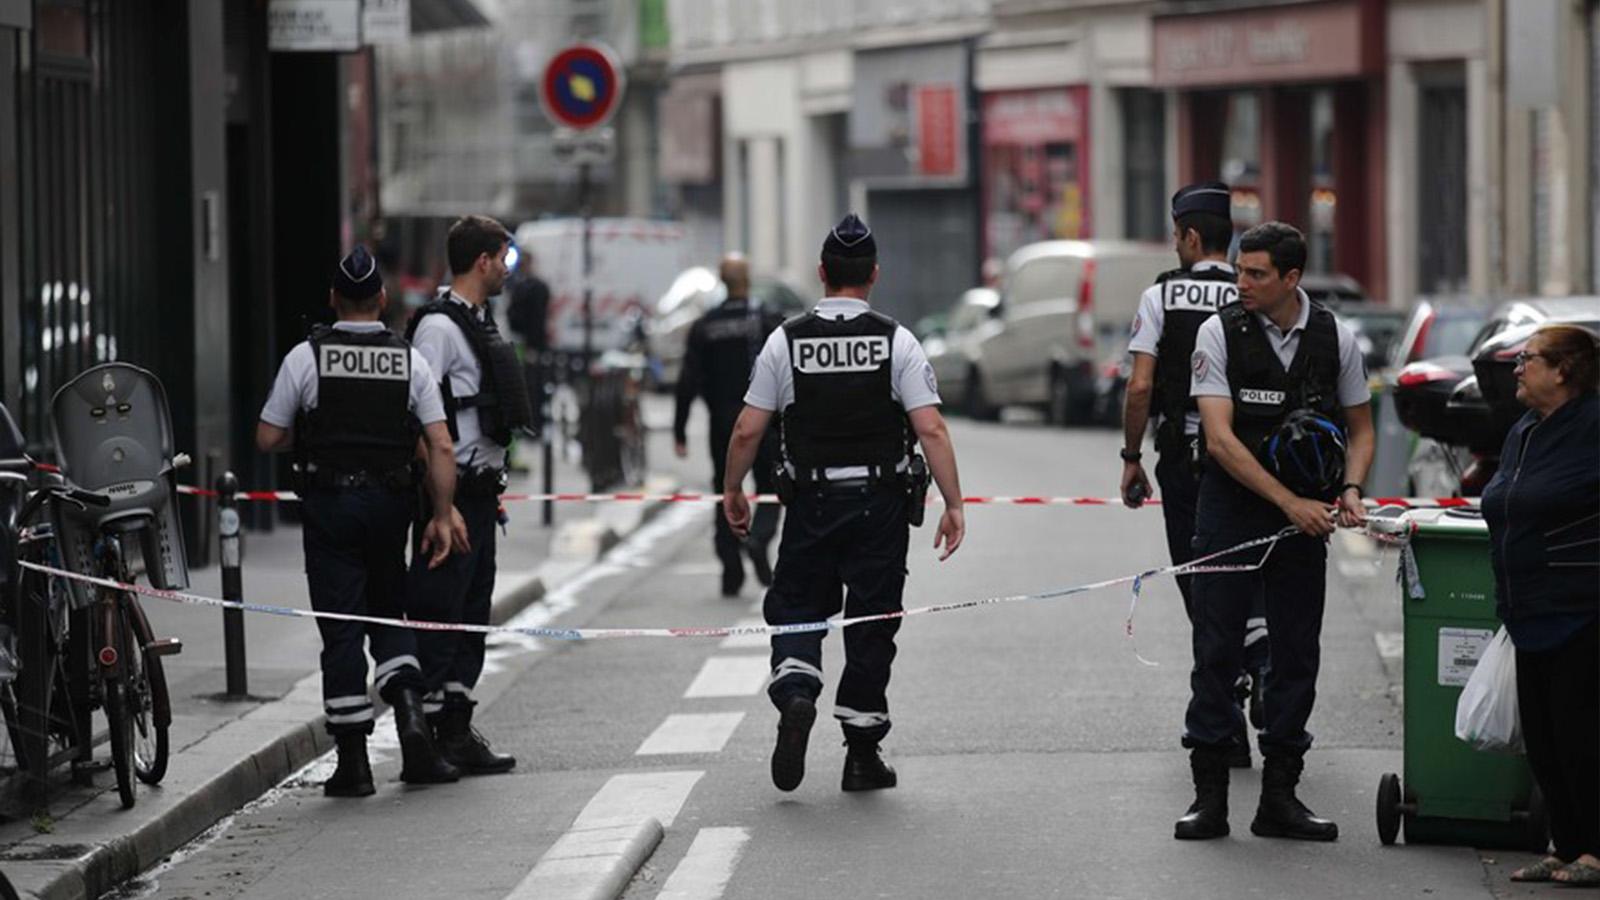 Prise d'otages à Paris : piste terroriste écartée, déséquilibre mental envisagé